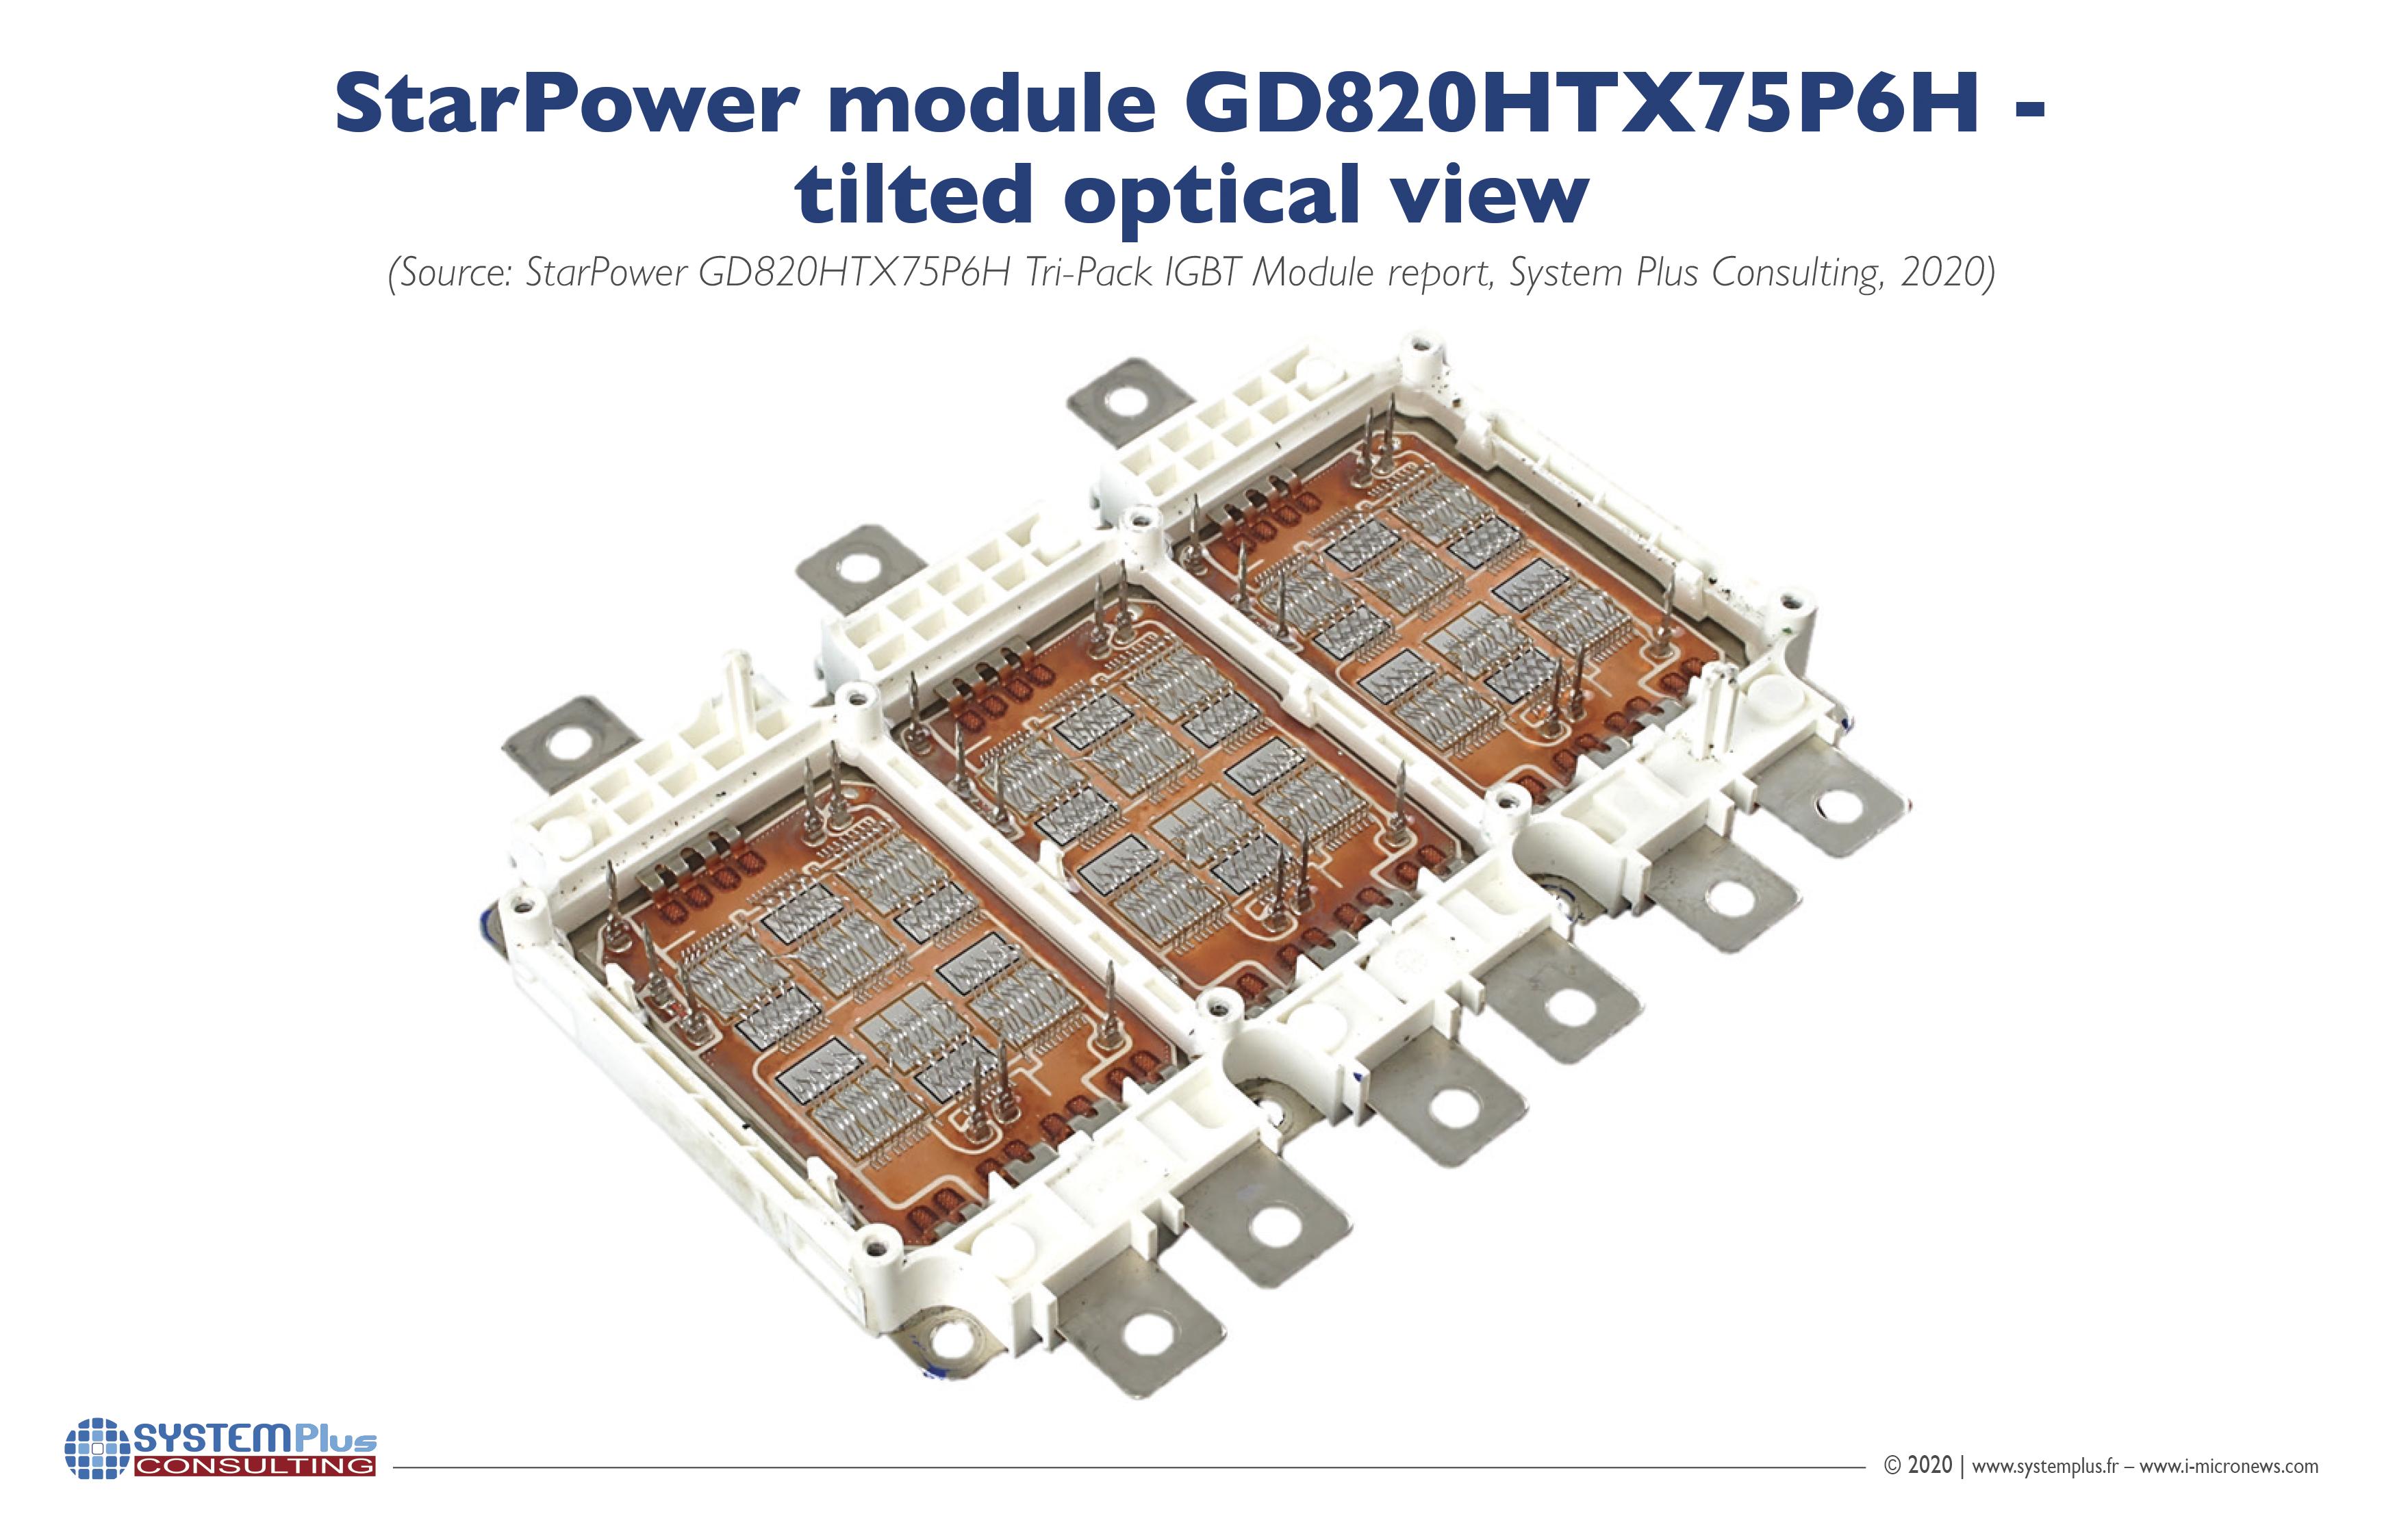 ILLUS_SPEI_StarPowerModule_SystemPlusConsulting_Oct2020